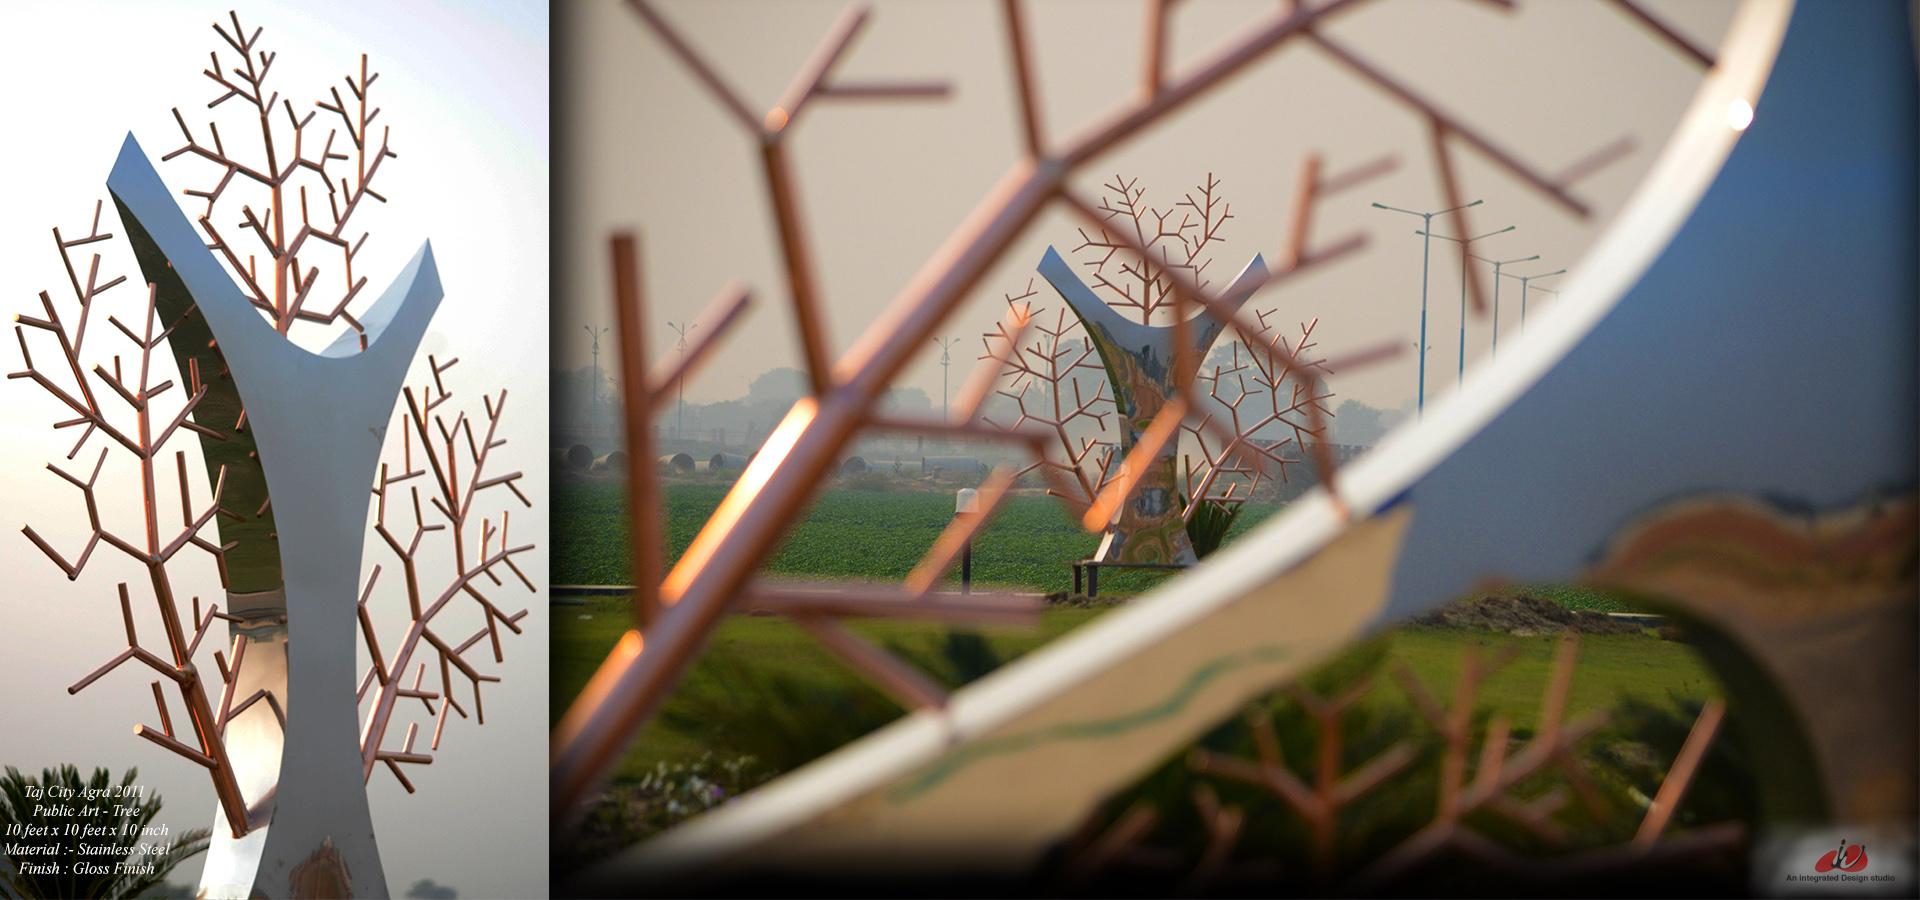 Public Art_20_agra tree_3